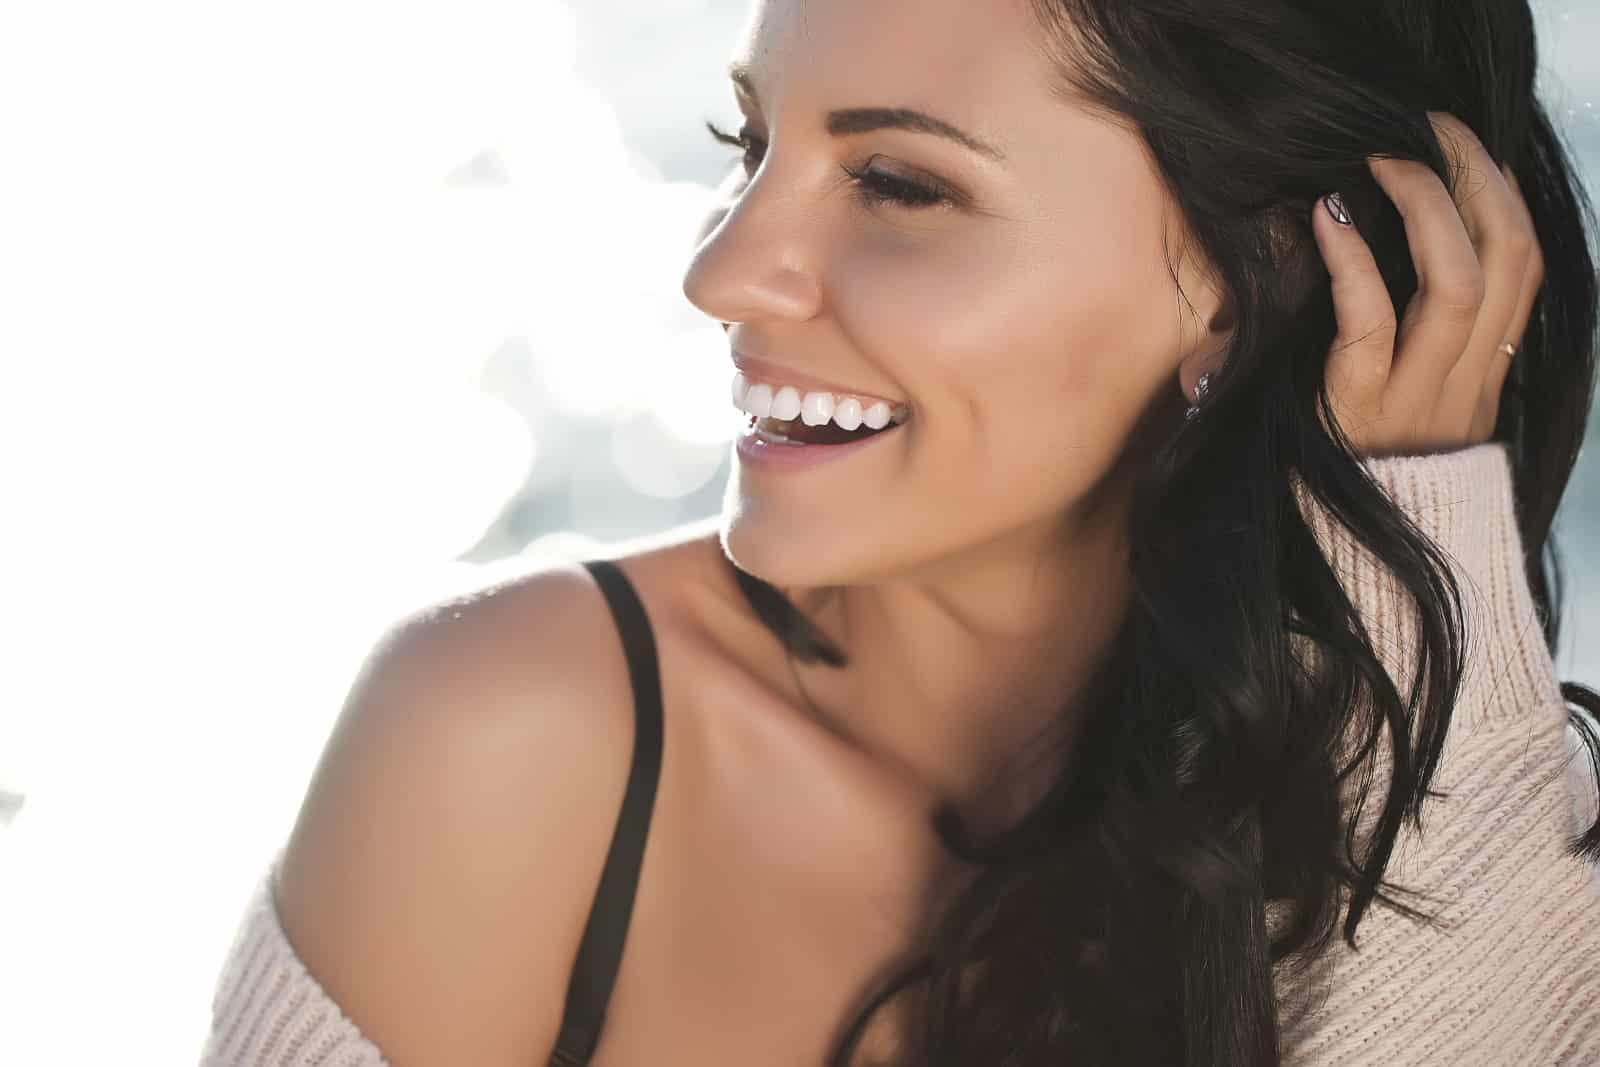 ein schönes junges Mädchen lacht